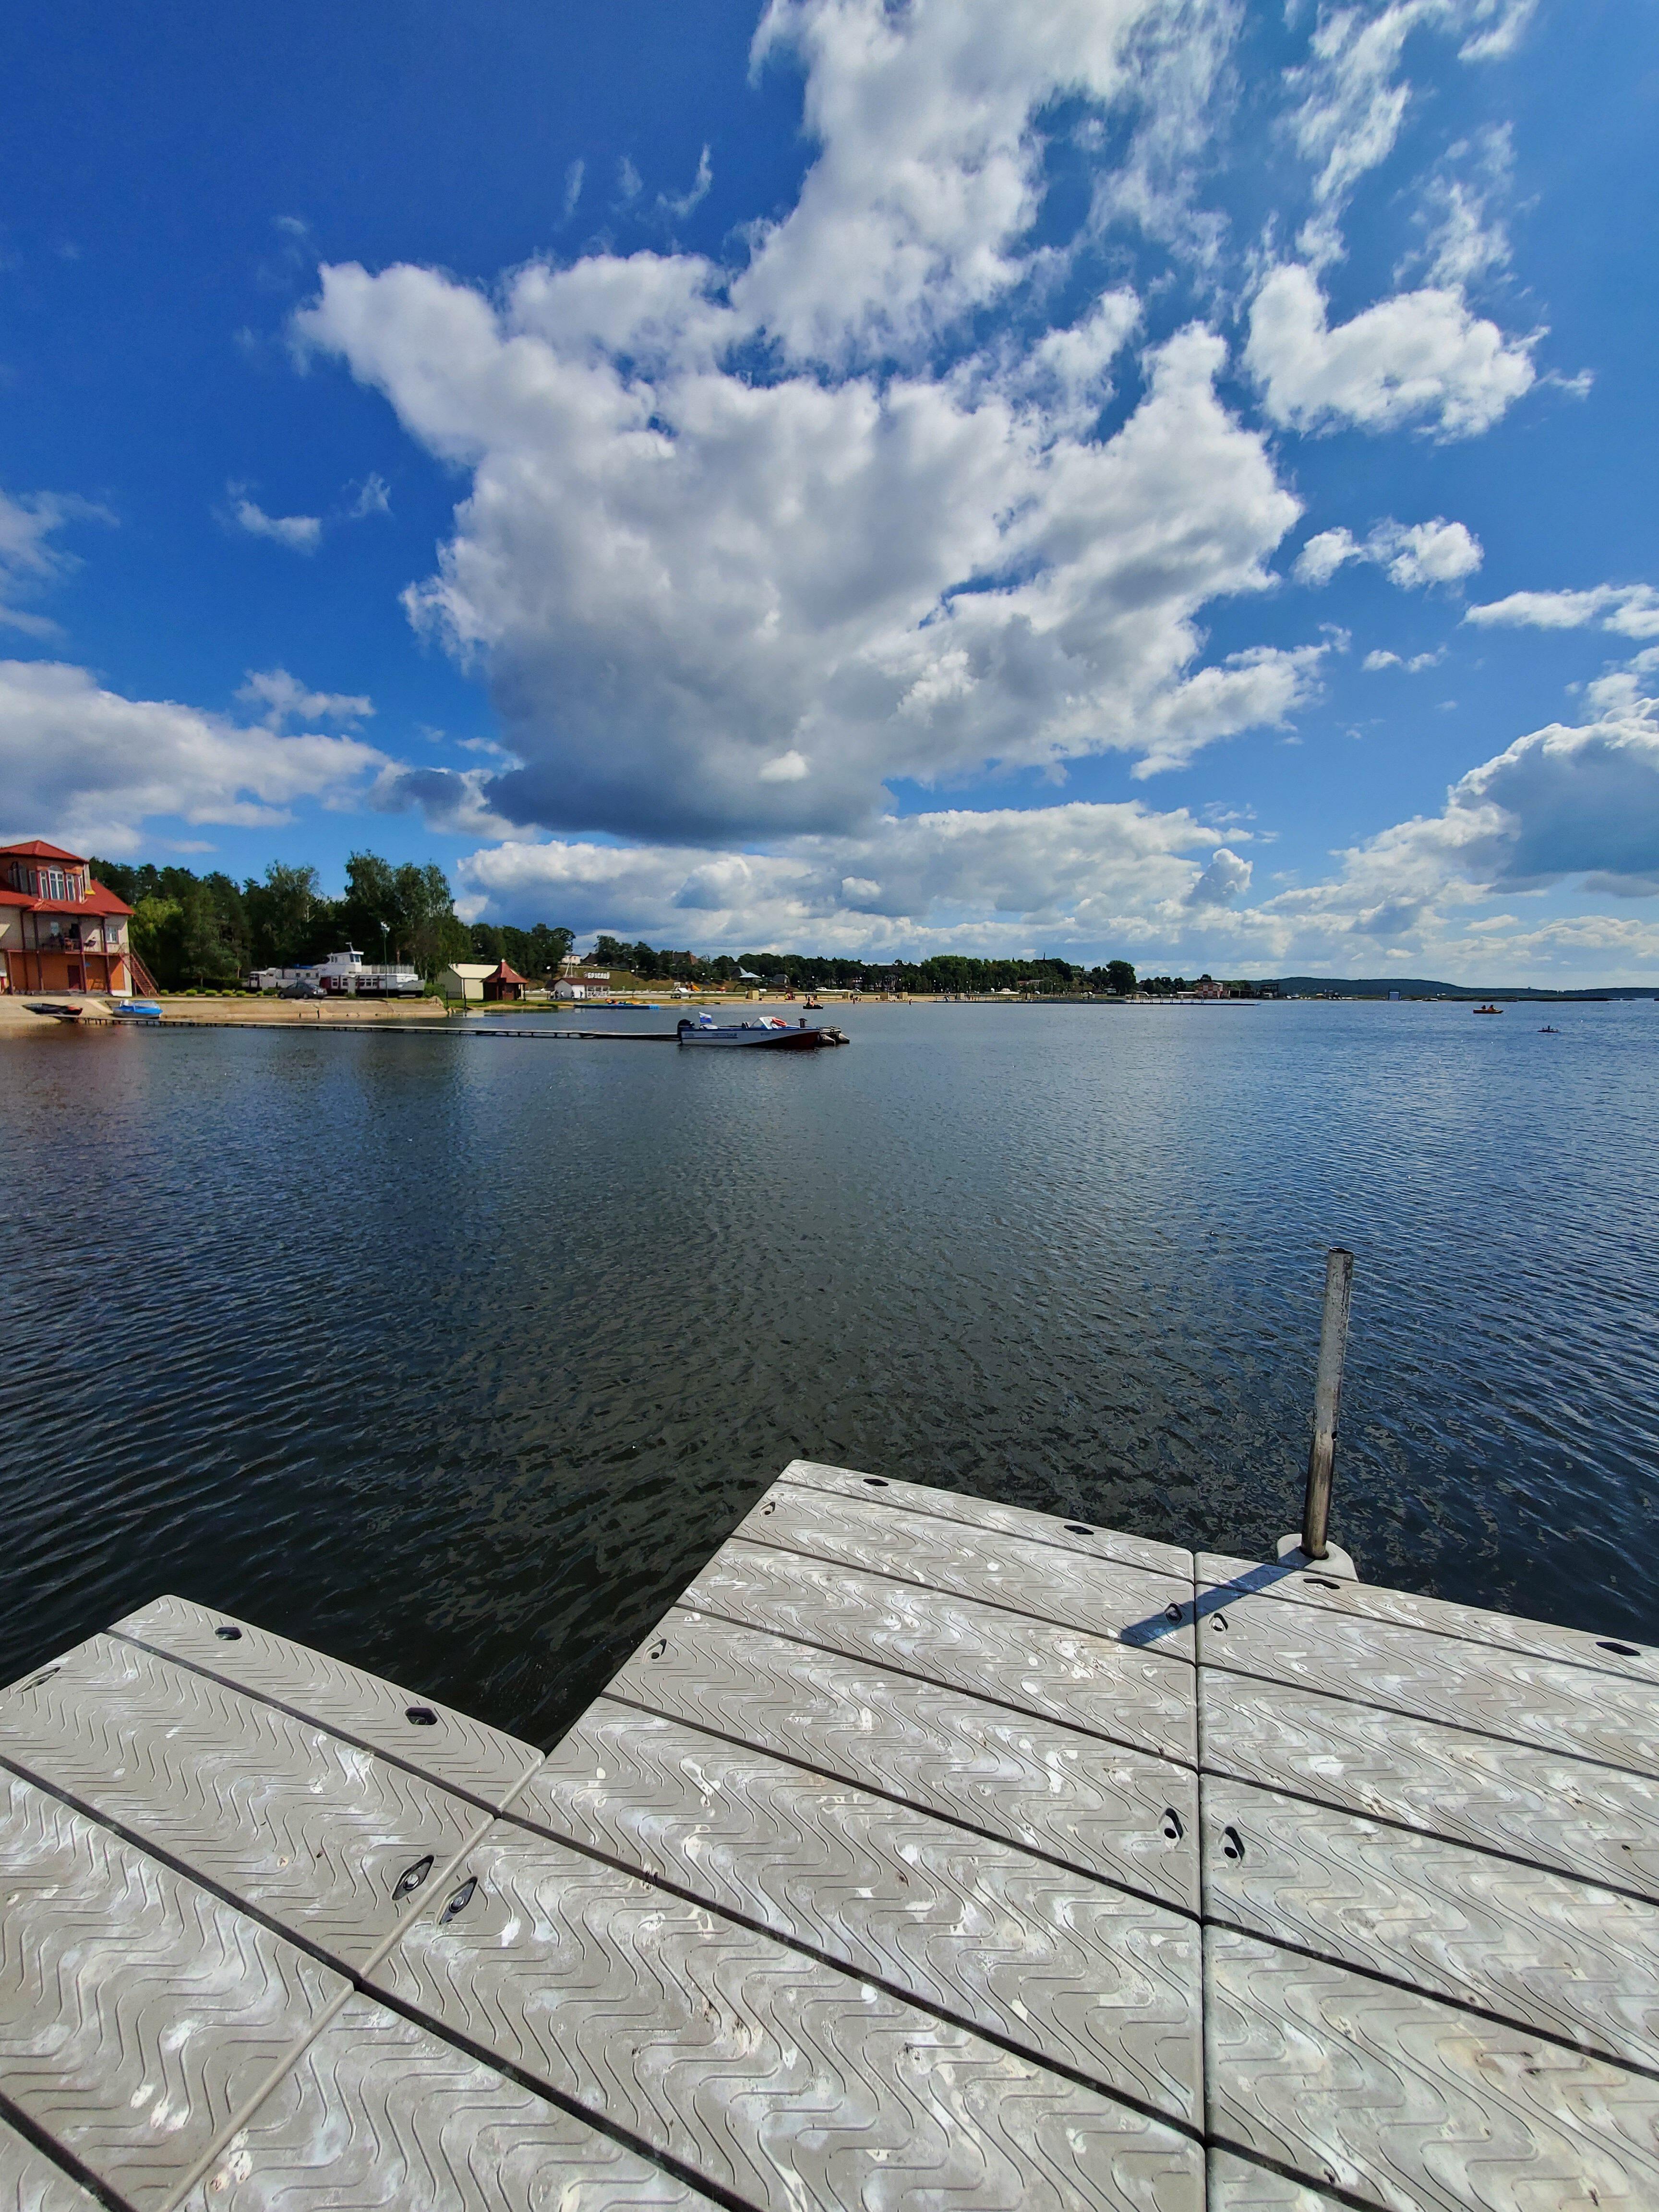 20200801 115817 rotated - Озеро Дривяты